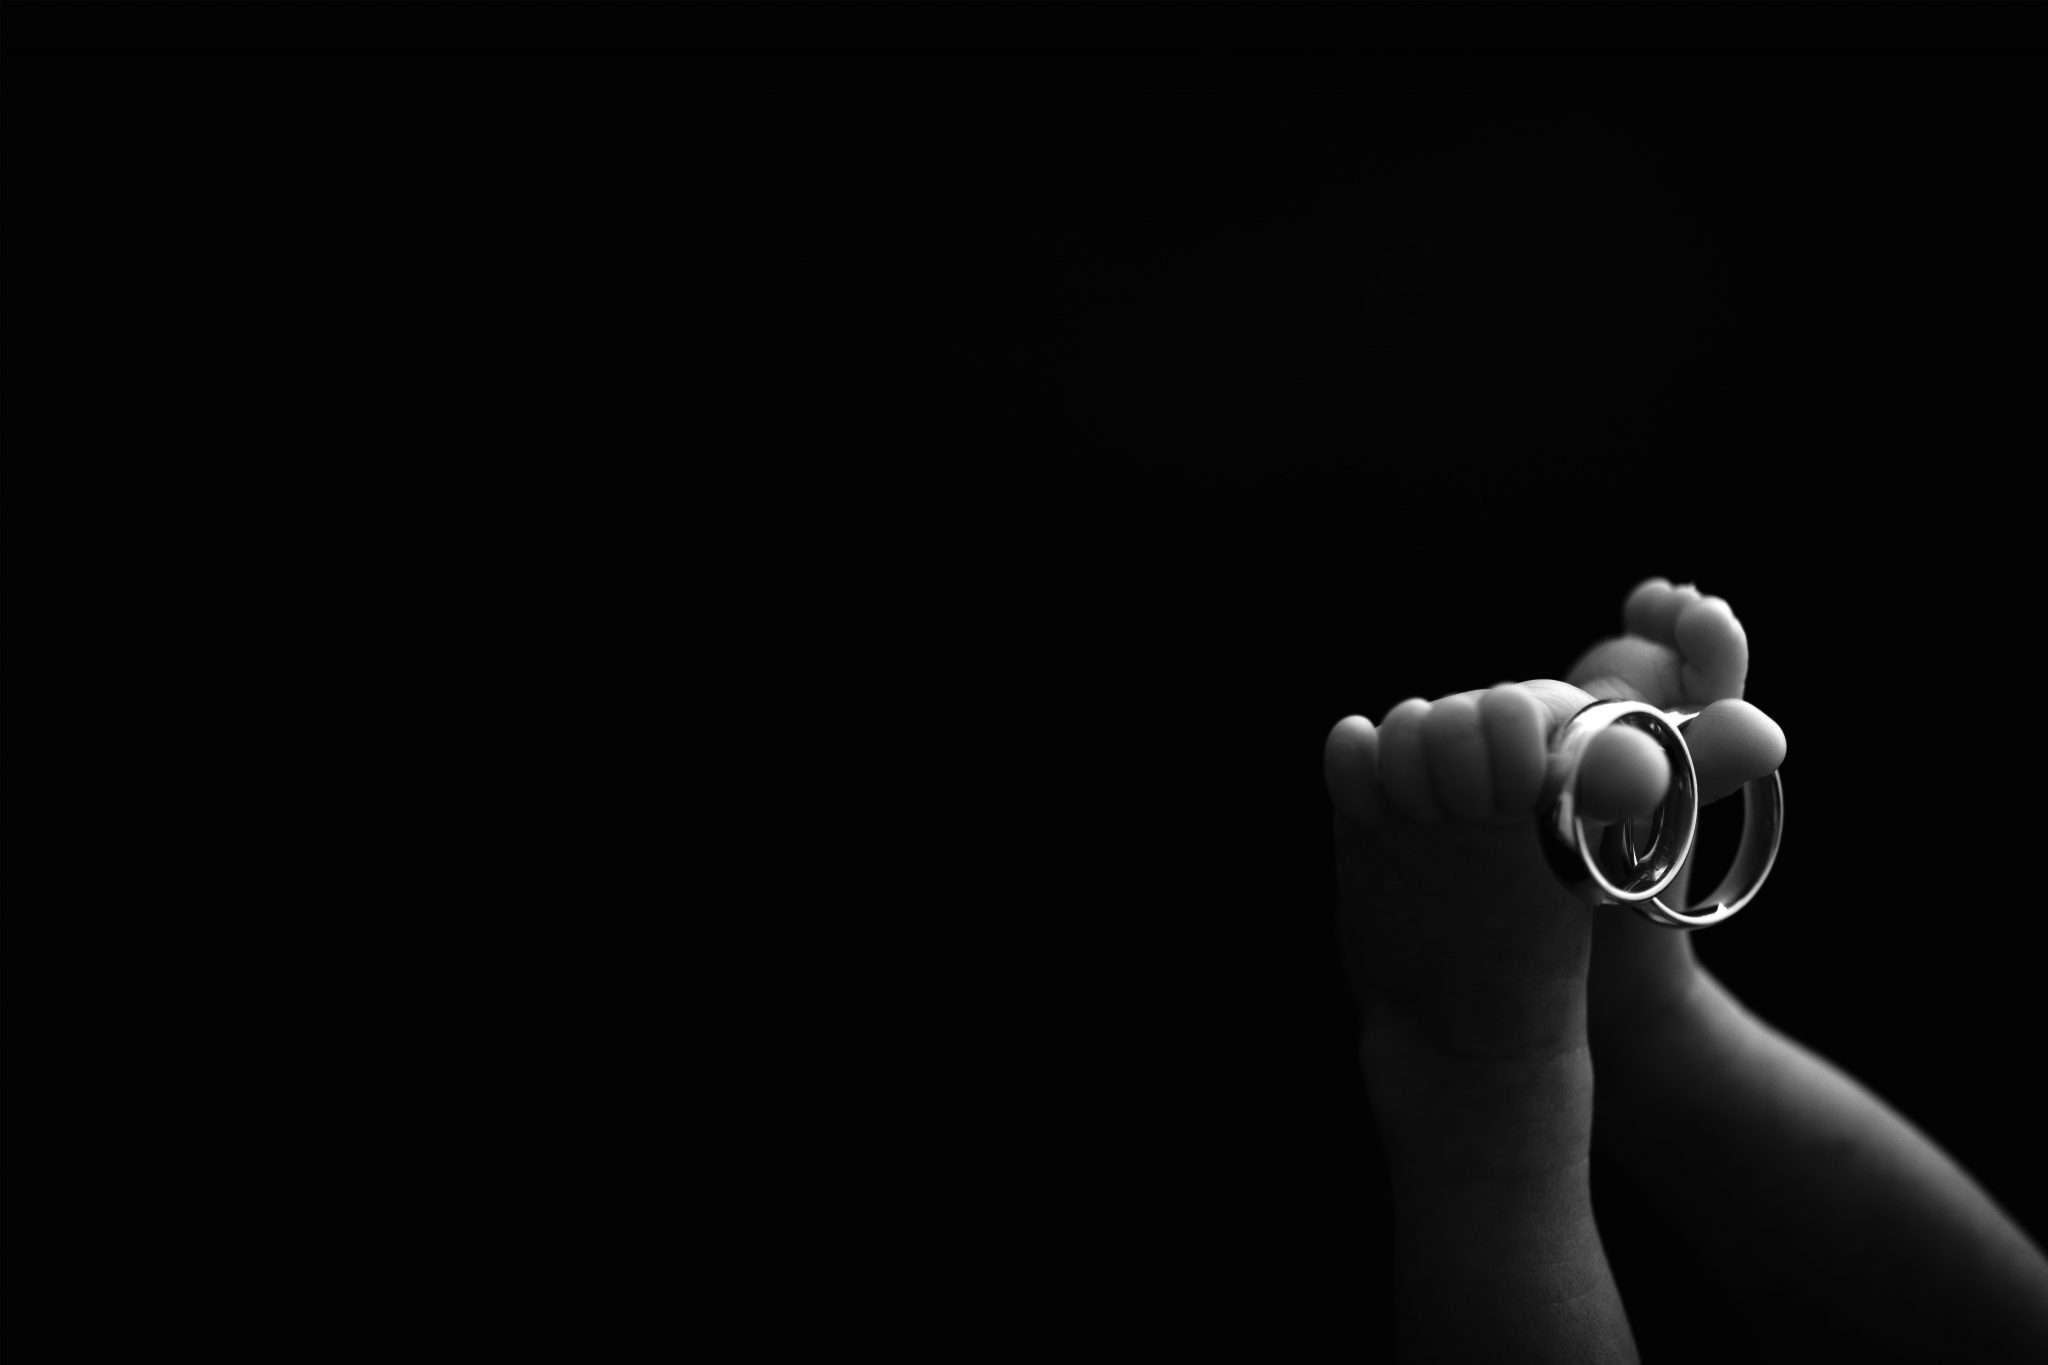 Newborn photography ring realizzata da Barbara Trincone fotografo specializzato in fotografia di gravidanza, genitorialità, nascita